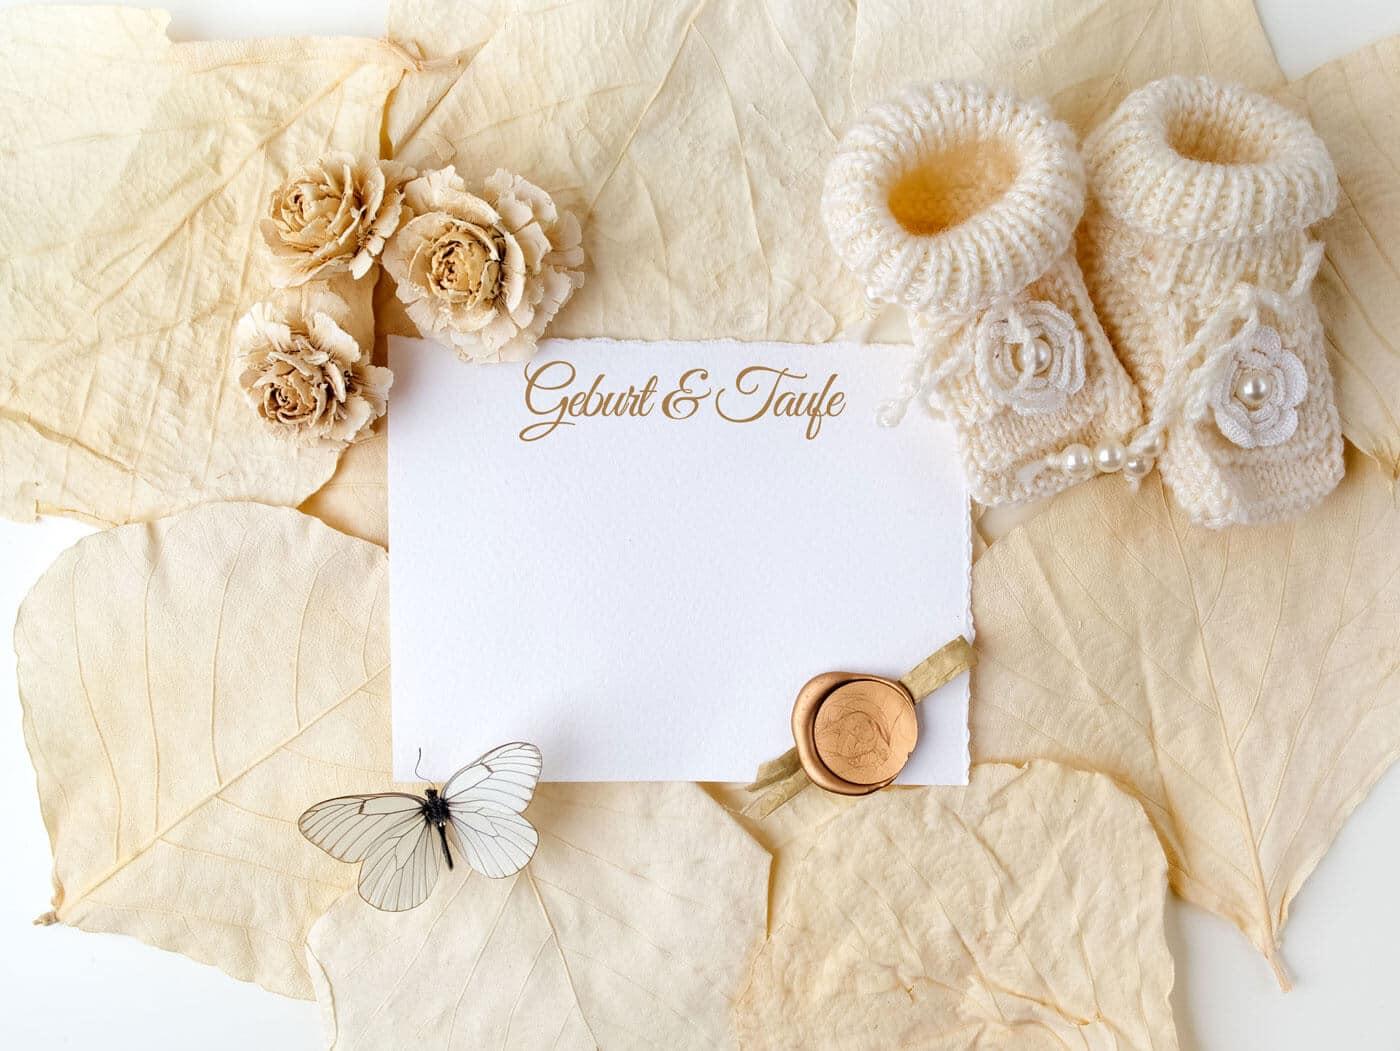 Einladungskarten & Dankeskarten für Geburt & Taufe